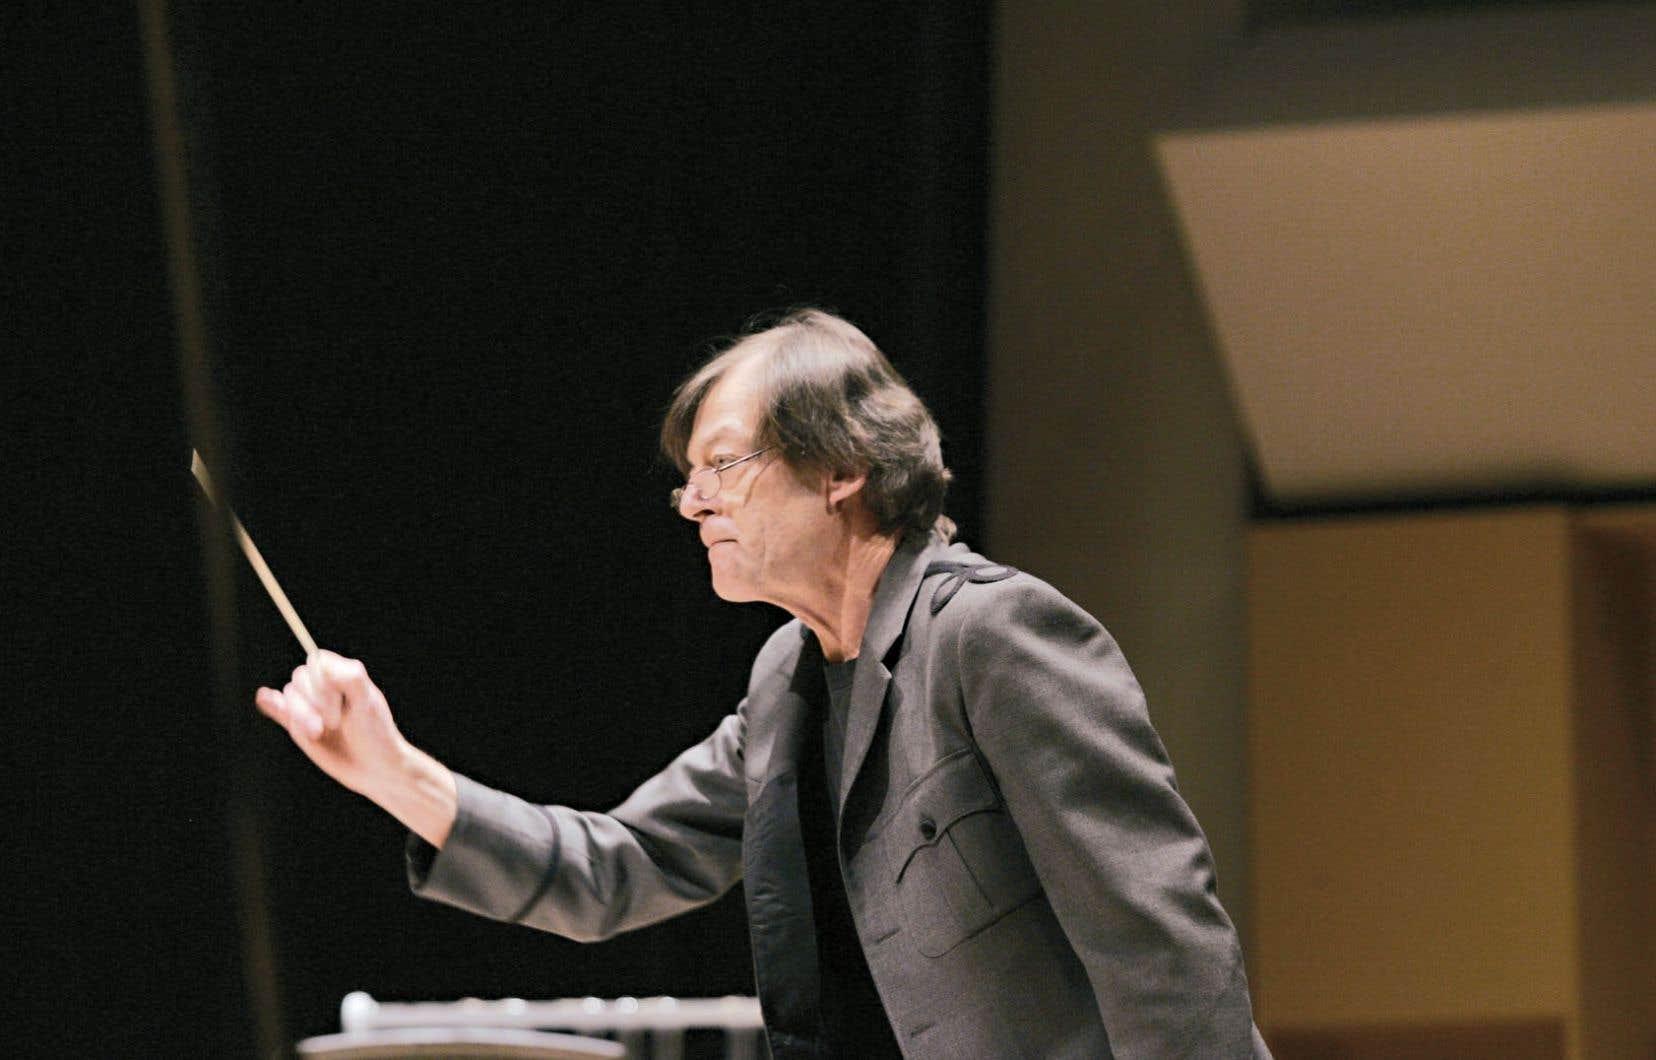 À 65 ans, Walter Boudreau affirme n'avoir pas envie de quitter la scène de sitôt.